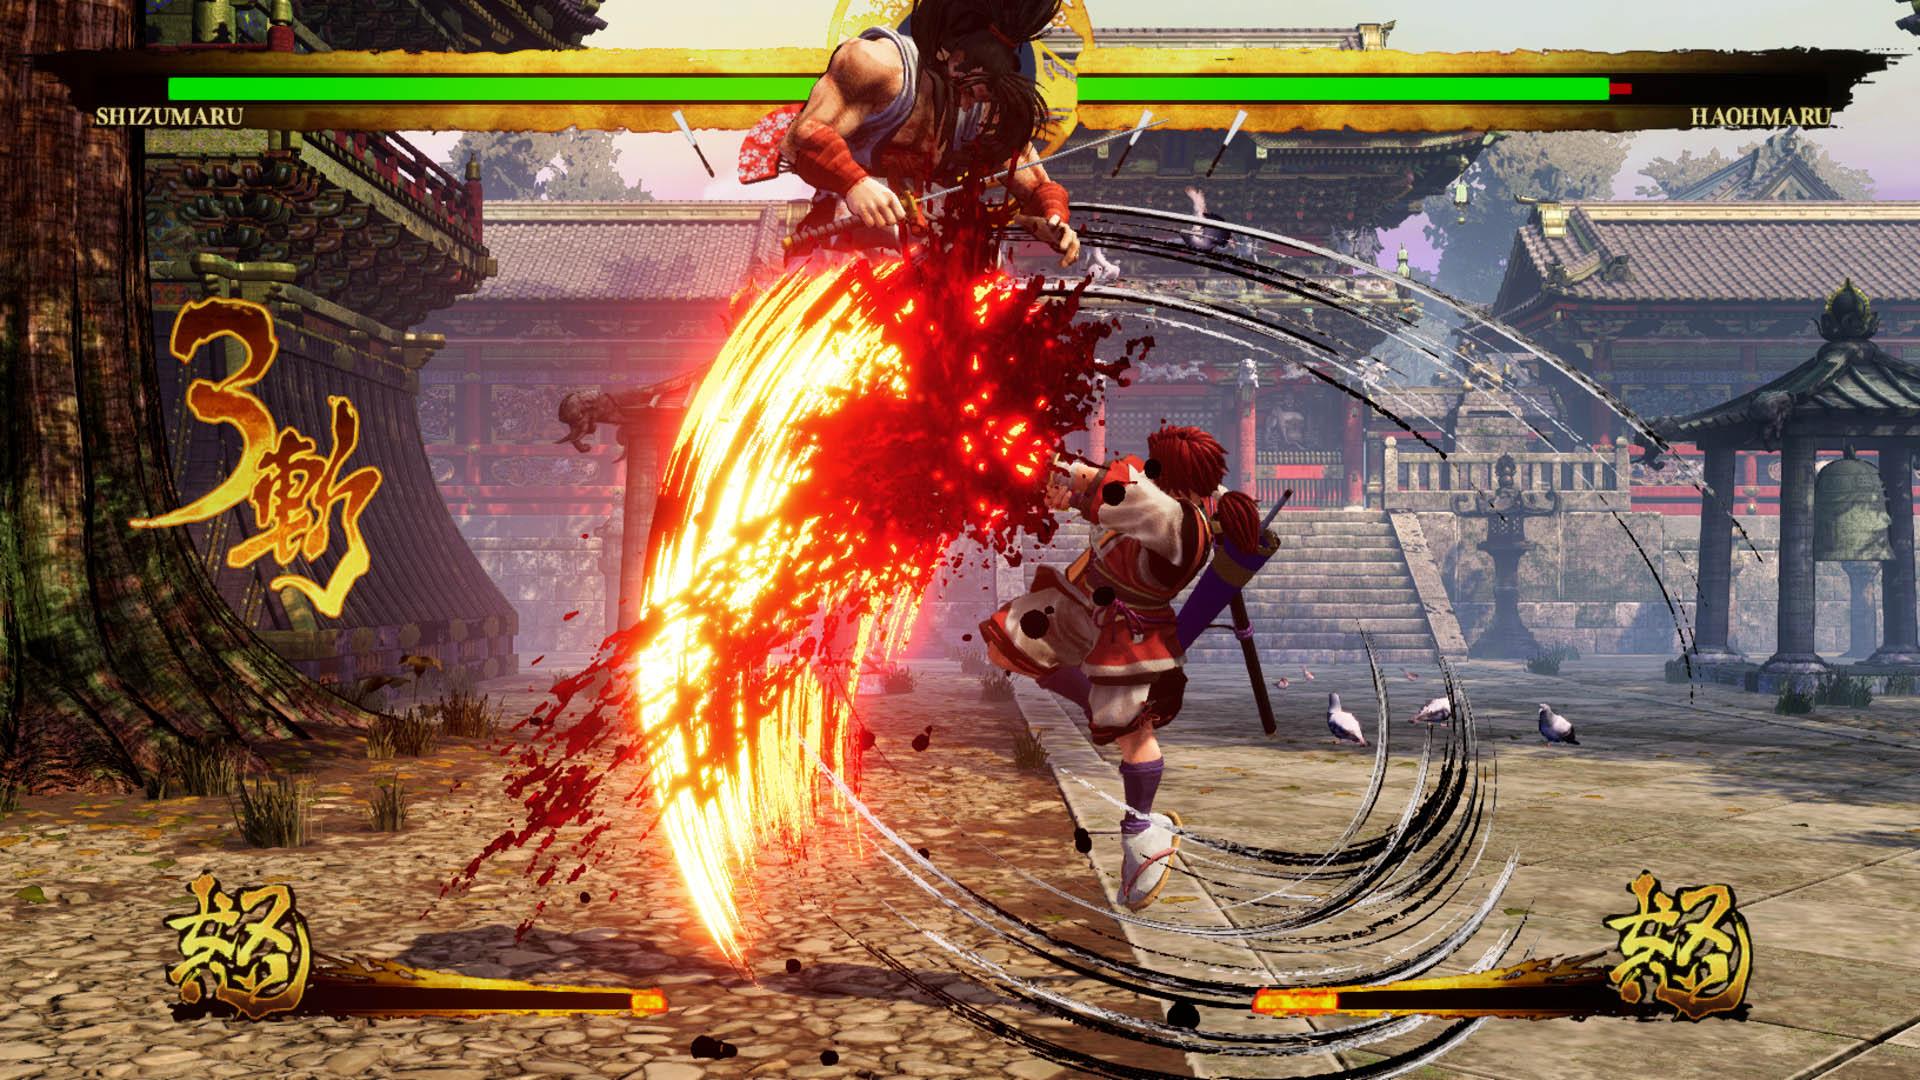 遊戲 - PlayStation®4/Xbox One平台劍戟對戰格鬥遊戲《SAMURAI SHODOWN》 免費DLC追加角色「緋雨 閑丸」9月17日開放下載! _410